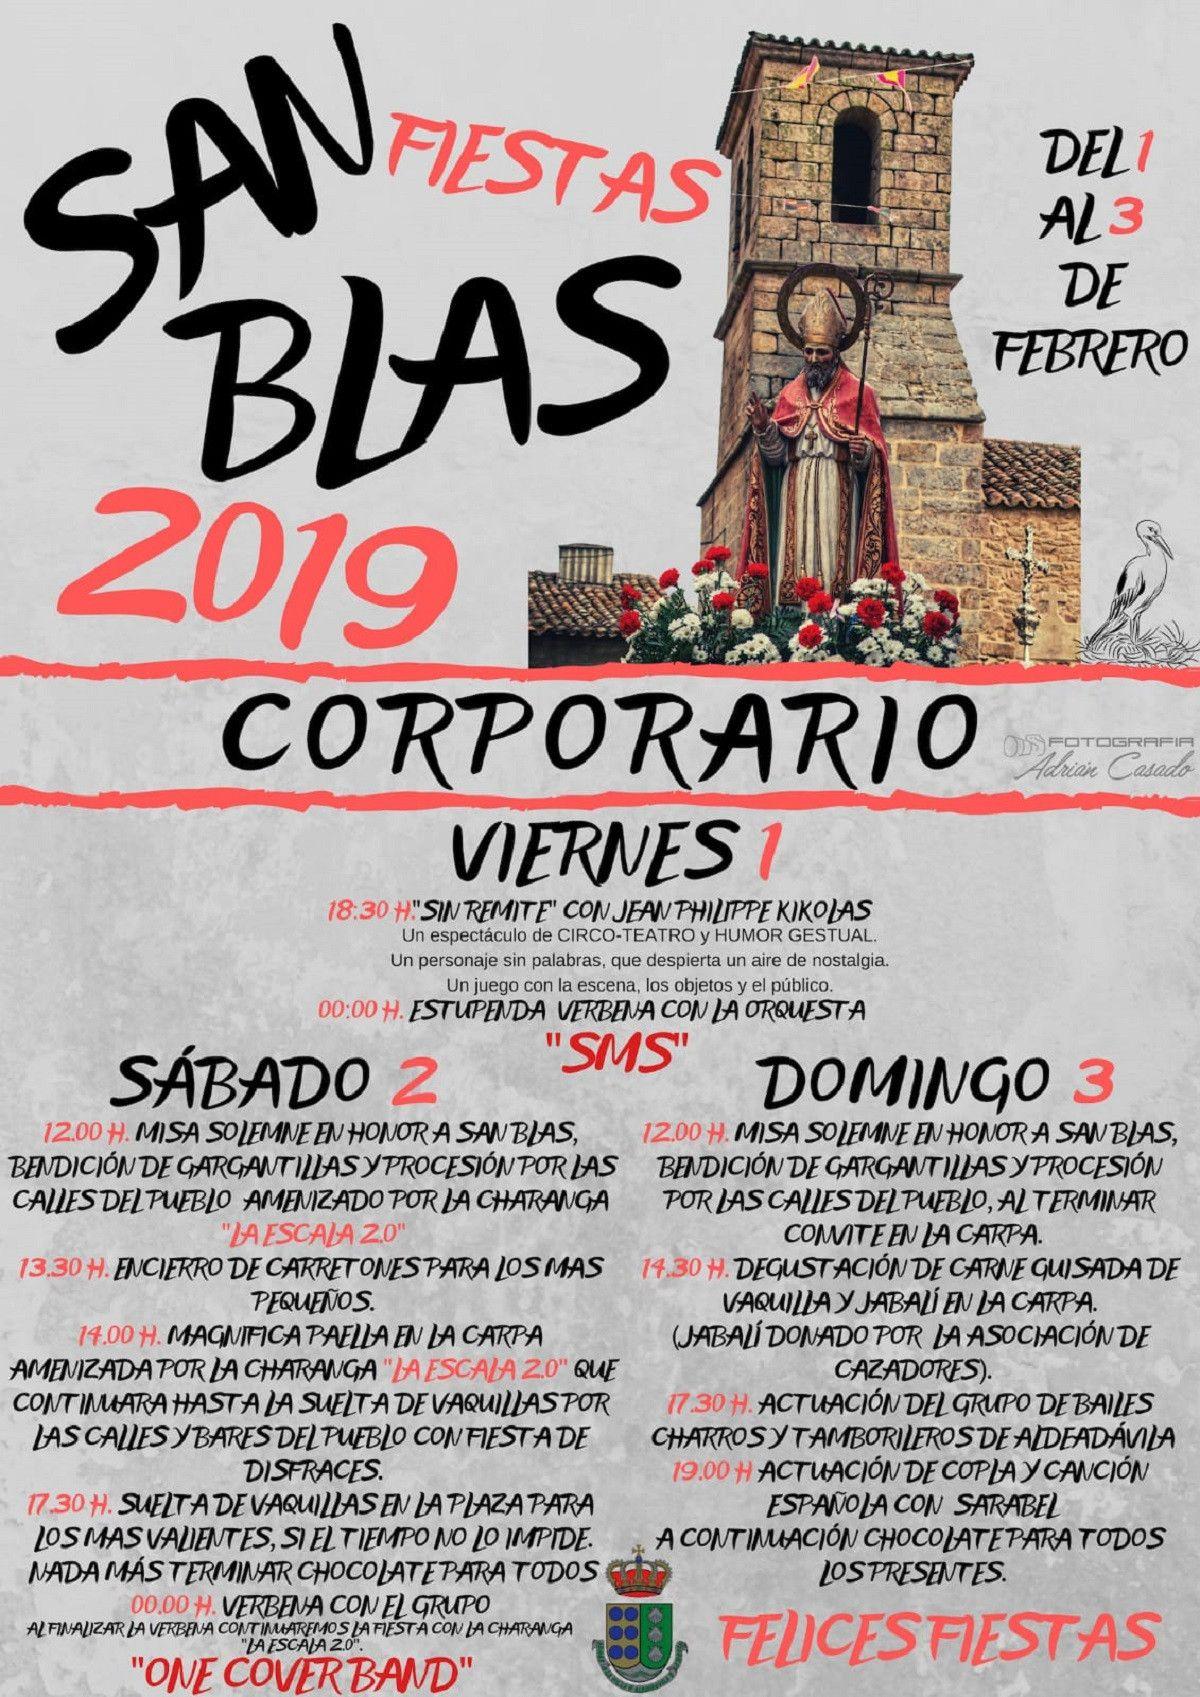 Corporario Fiestas San Blas